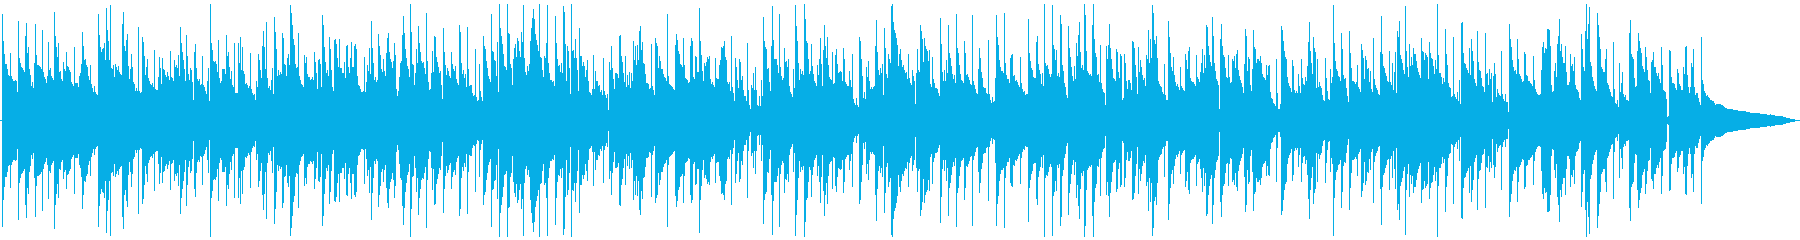 クールなスムースジャズバラードの再生済みの波形